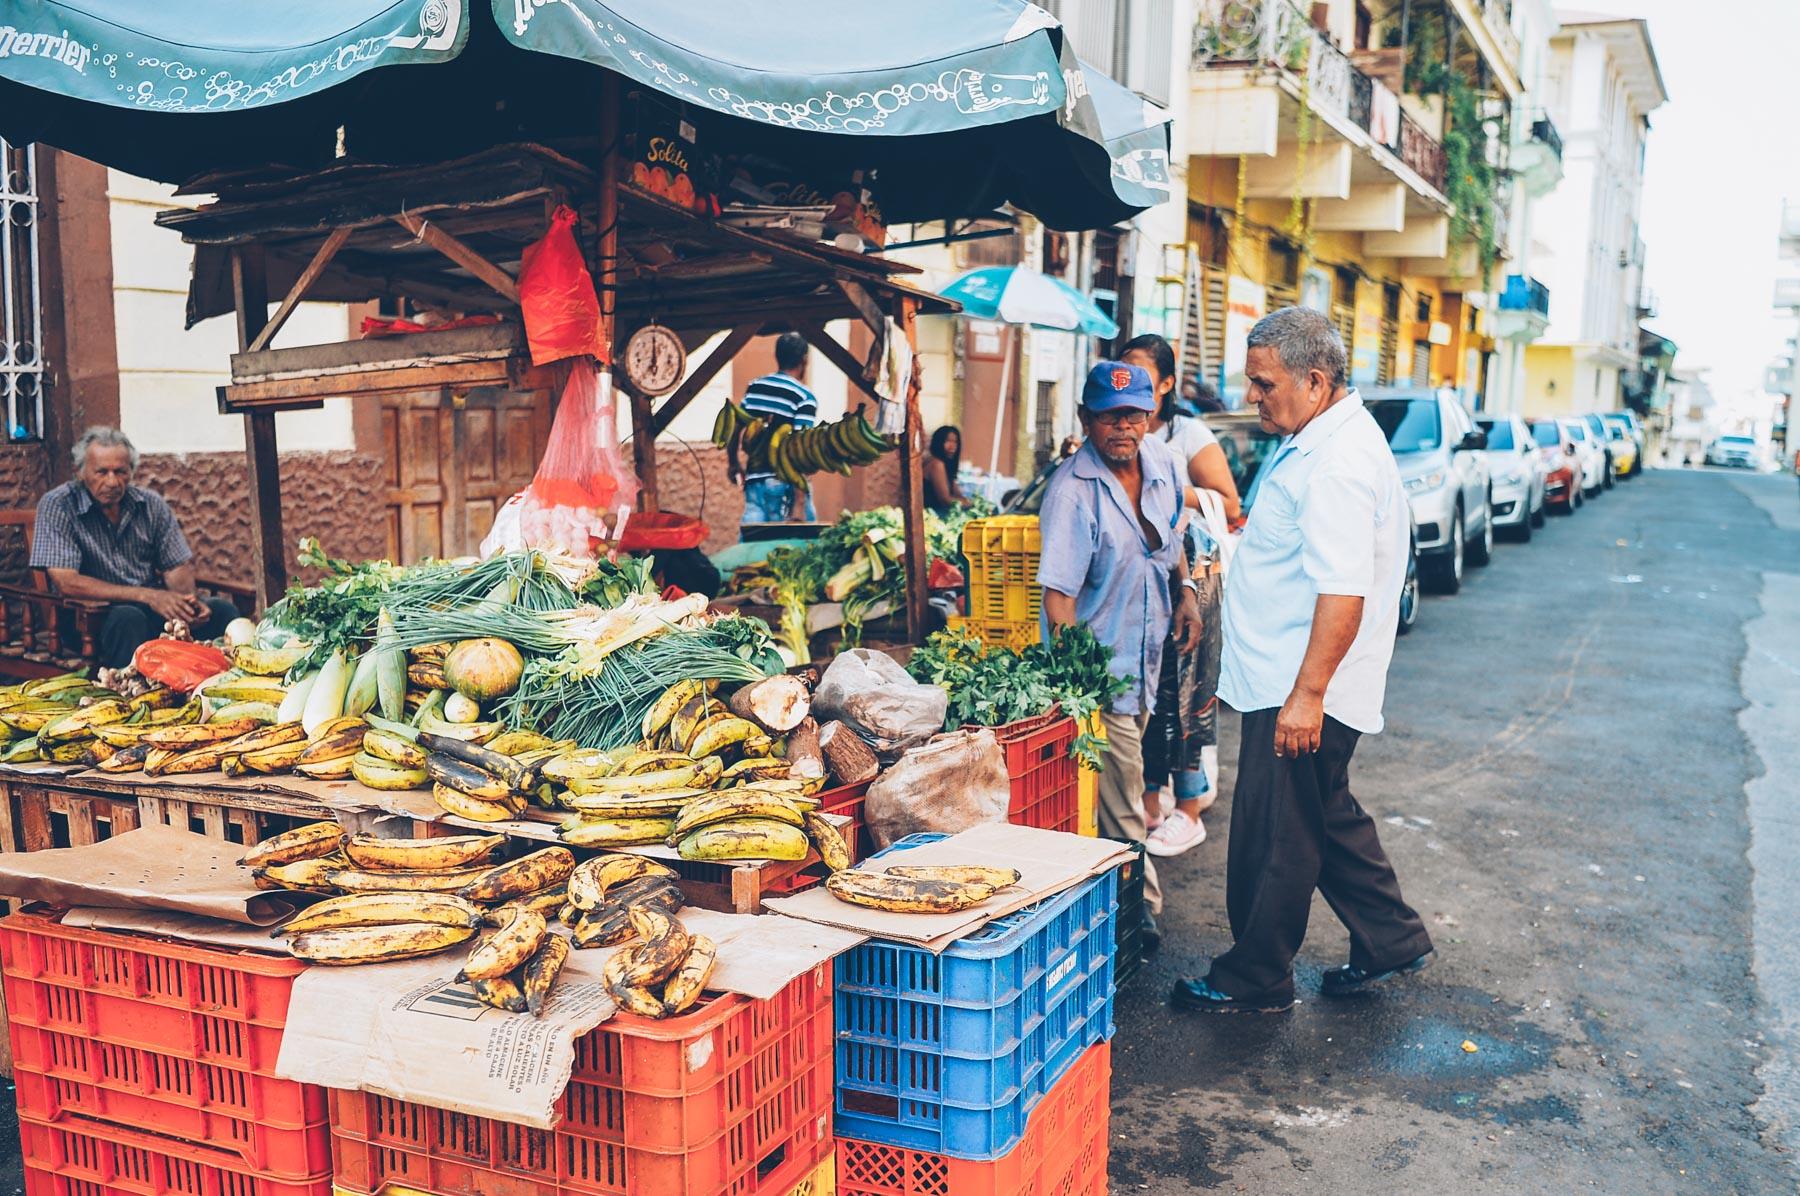 A Fruit Market in Casco Viejo from Jess Kirby's Panama City Travel Diary